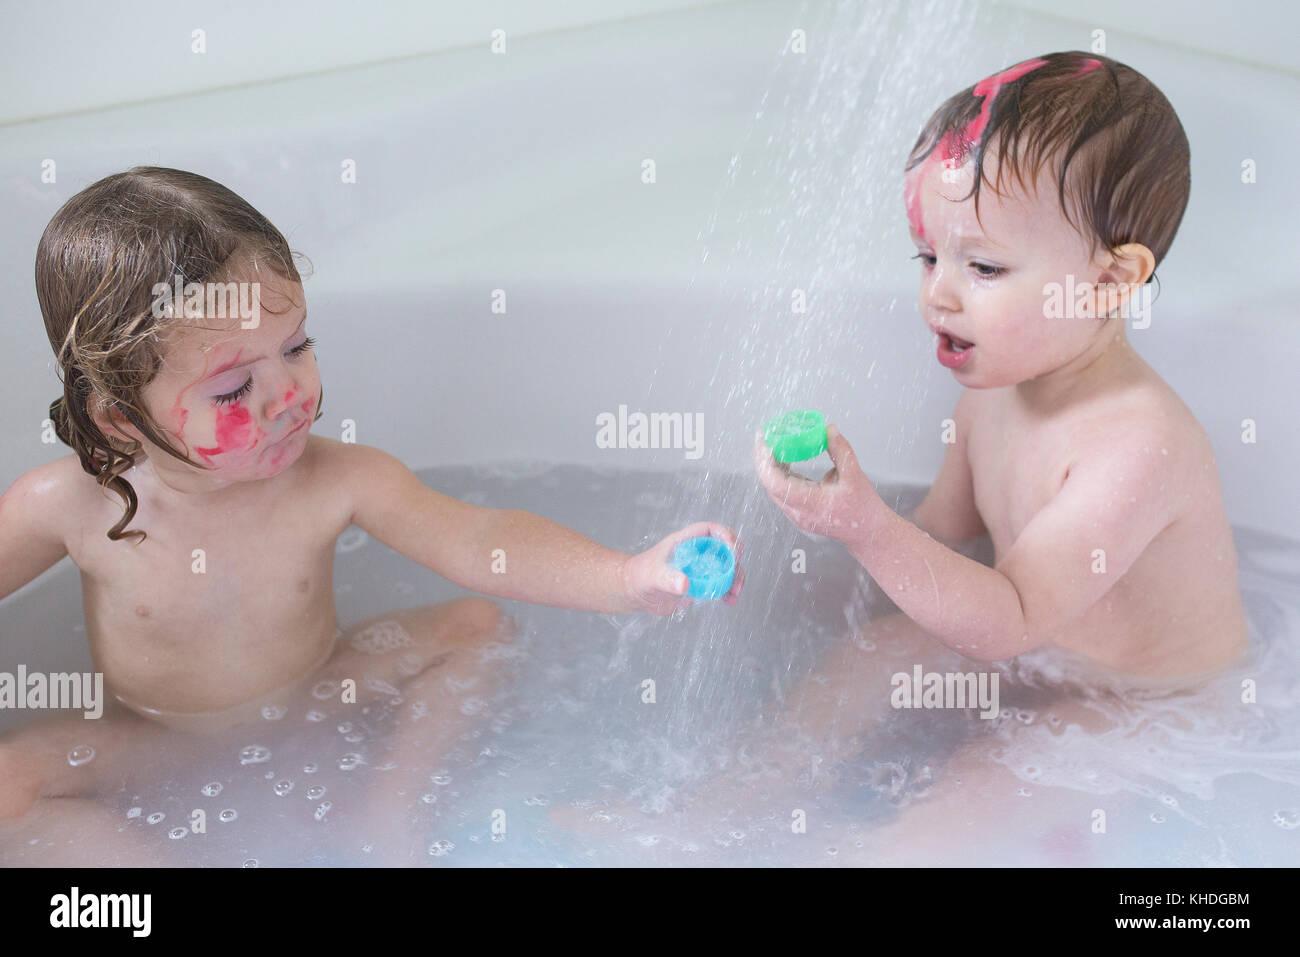 Bambino Nella Vasca Da Bagno.Bambini Che Giocano Nella Vasca Da Bagno Foto Stock Alamy